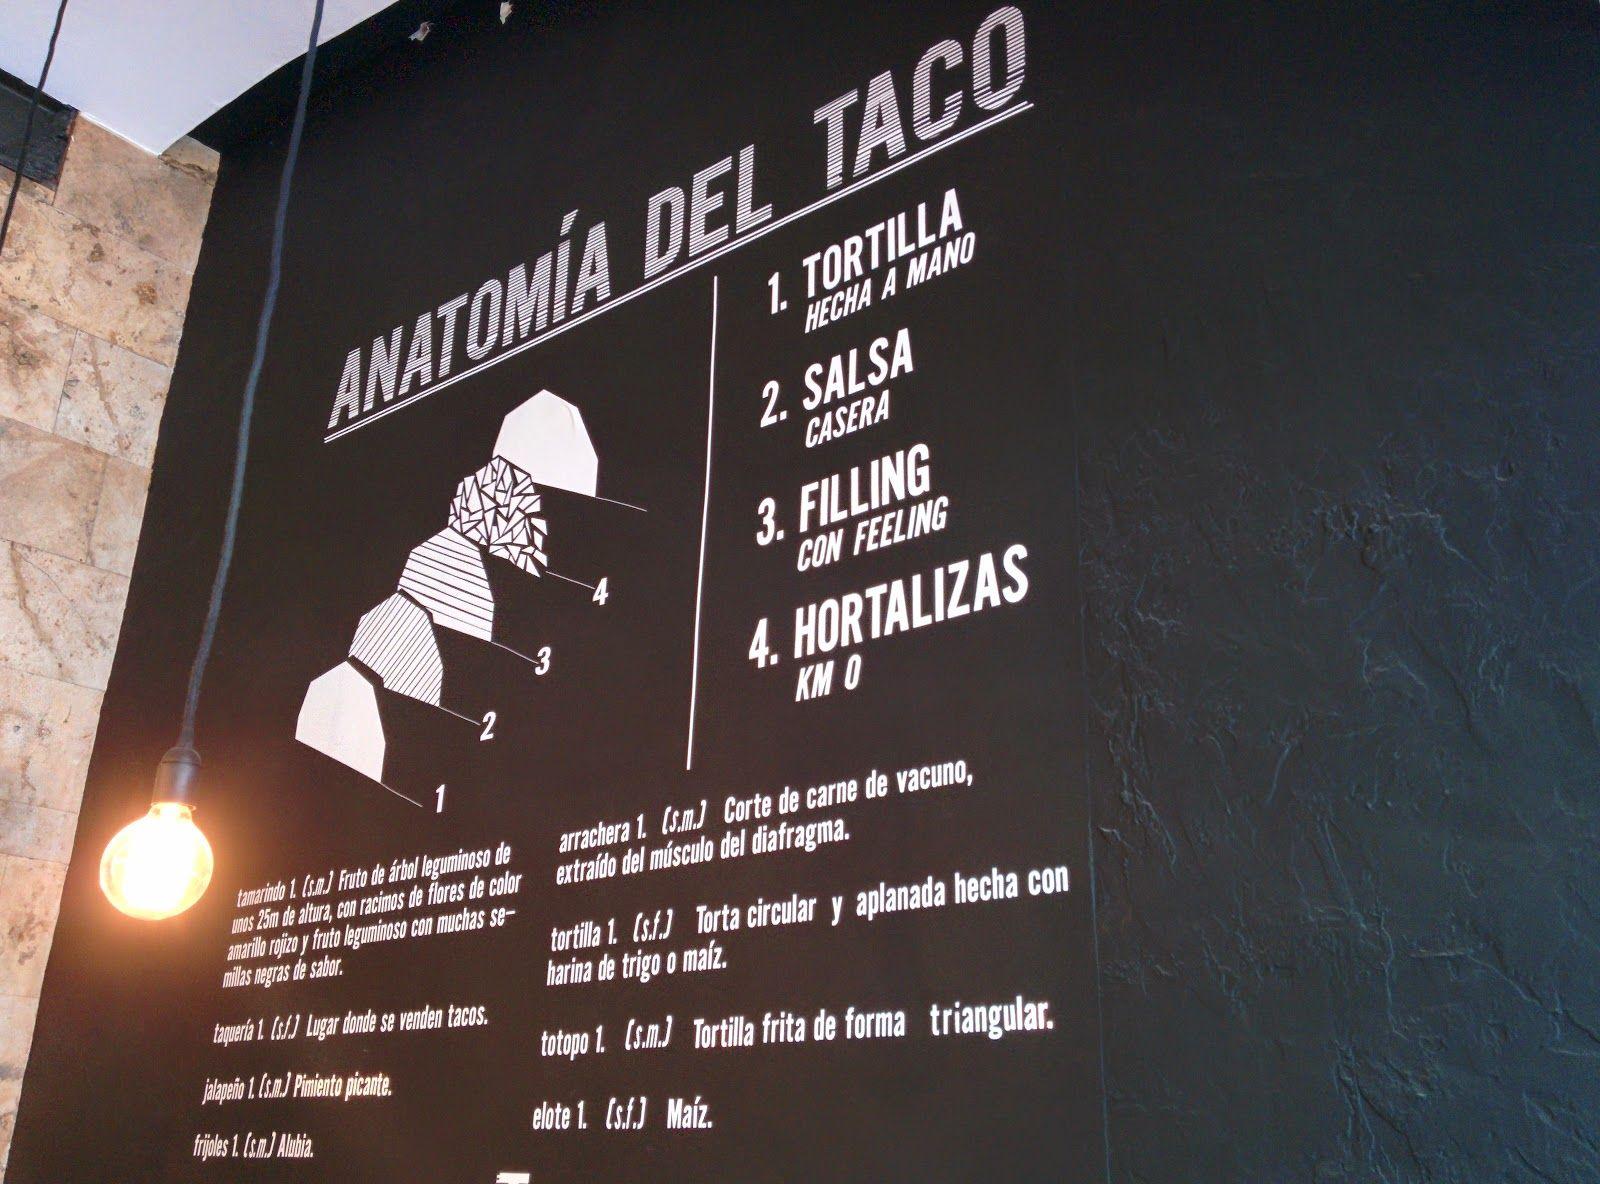 Lahoradelbagel Taqueria Tamarindo En Botella Guey Taquerias Taquerias Mexicanas Imagenes De Tacos